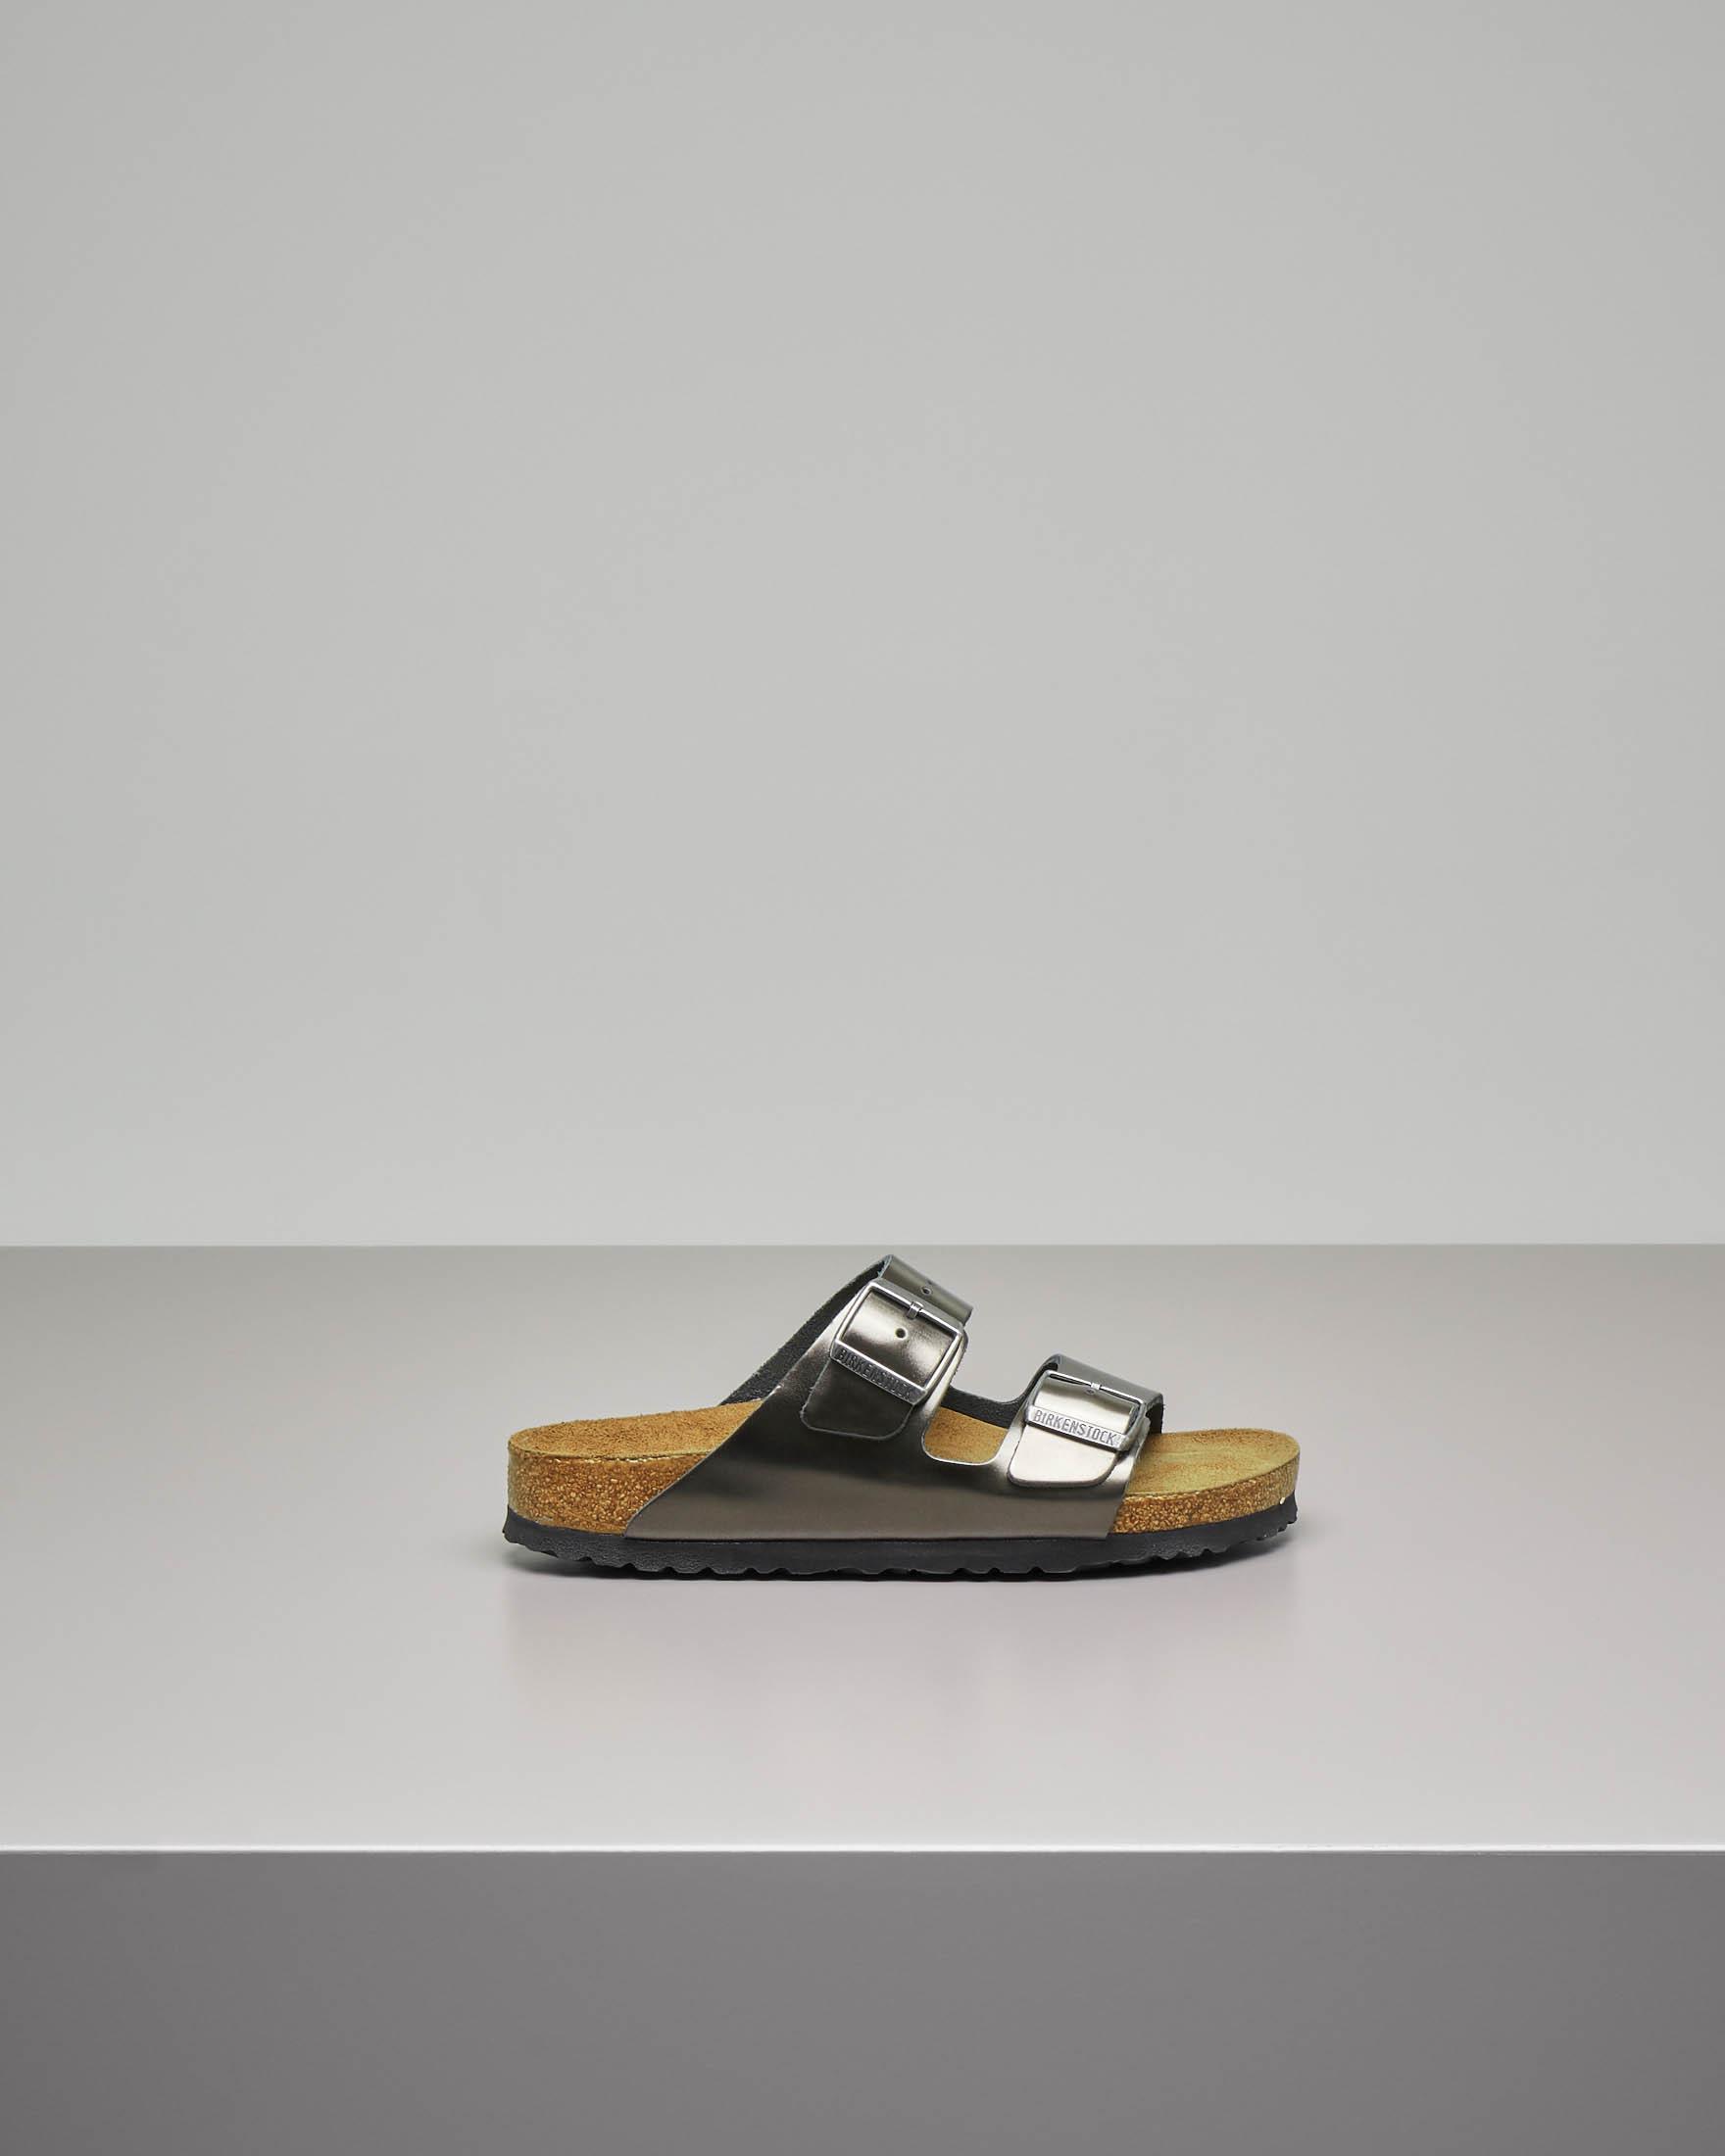 Sandalo Arizona in pelle color antracite effetto laminato con doppia fascetta